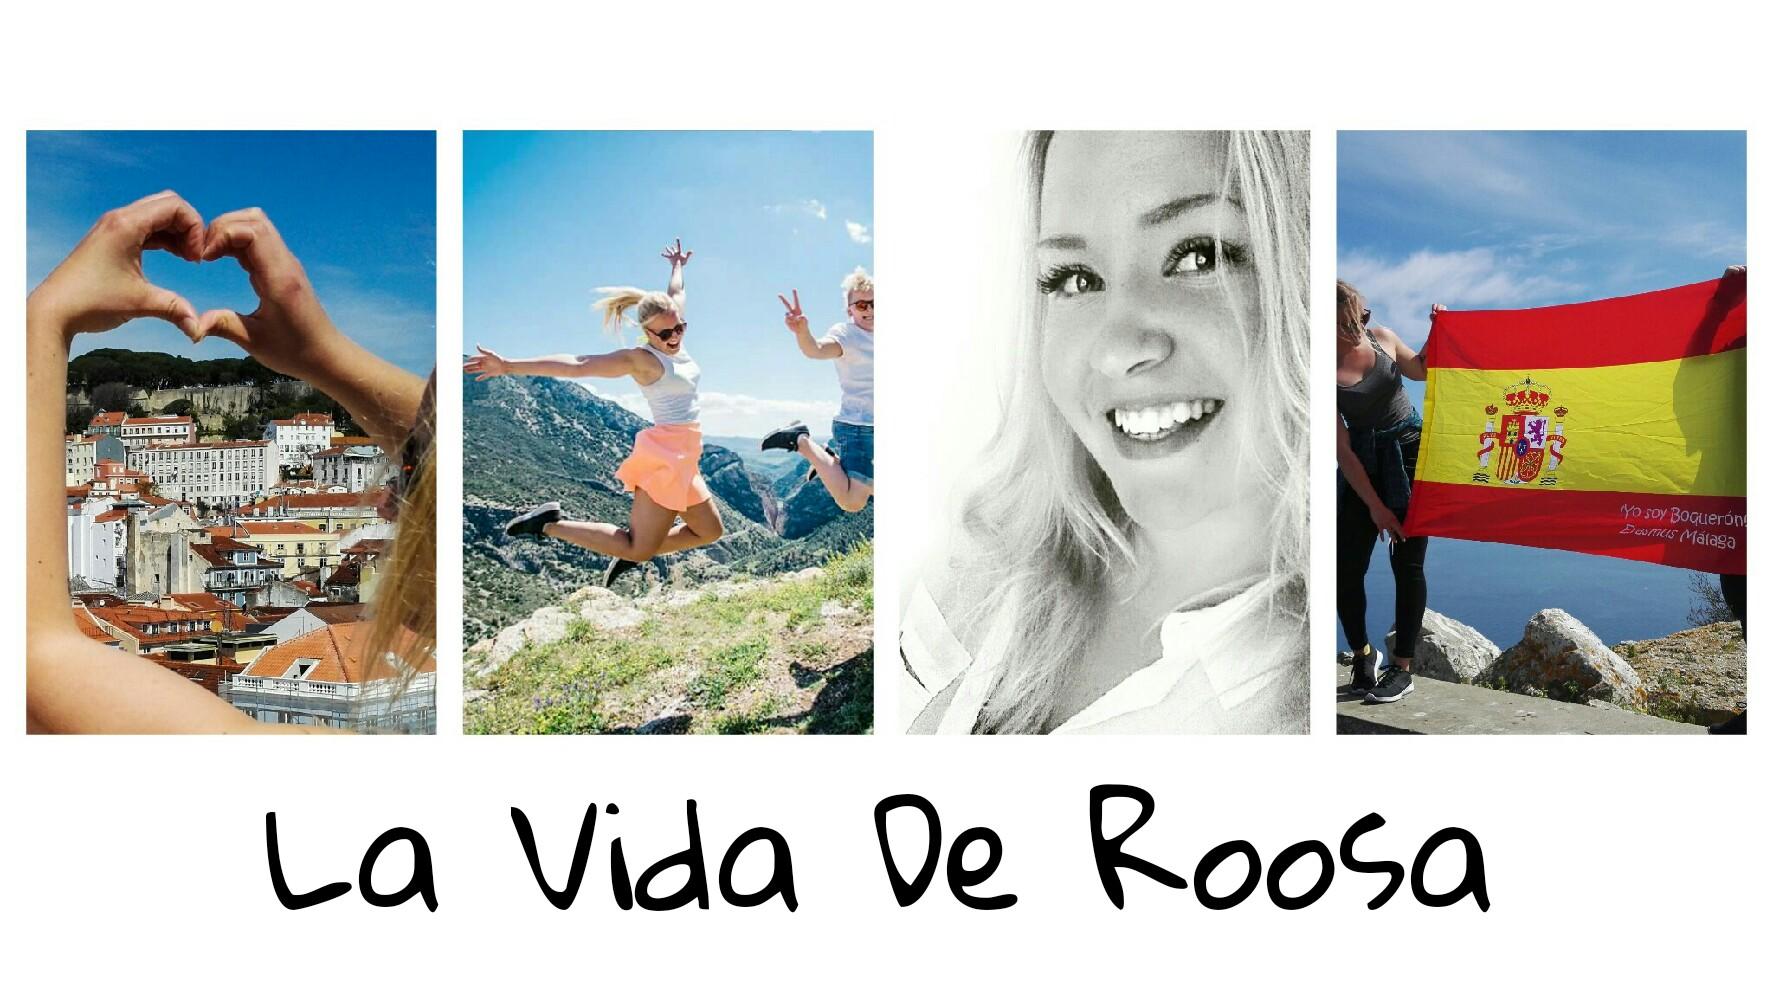 La vida de Roosa